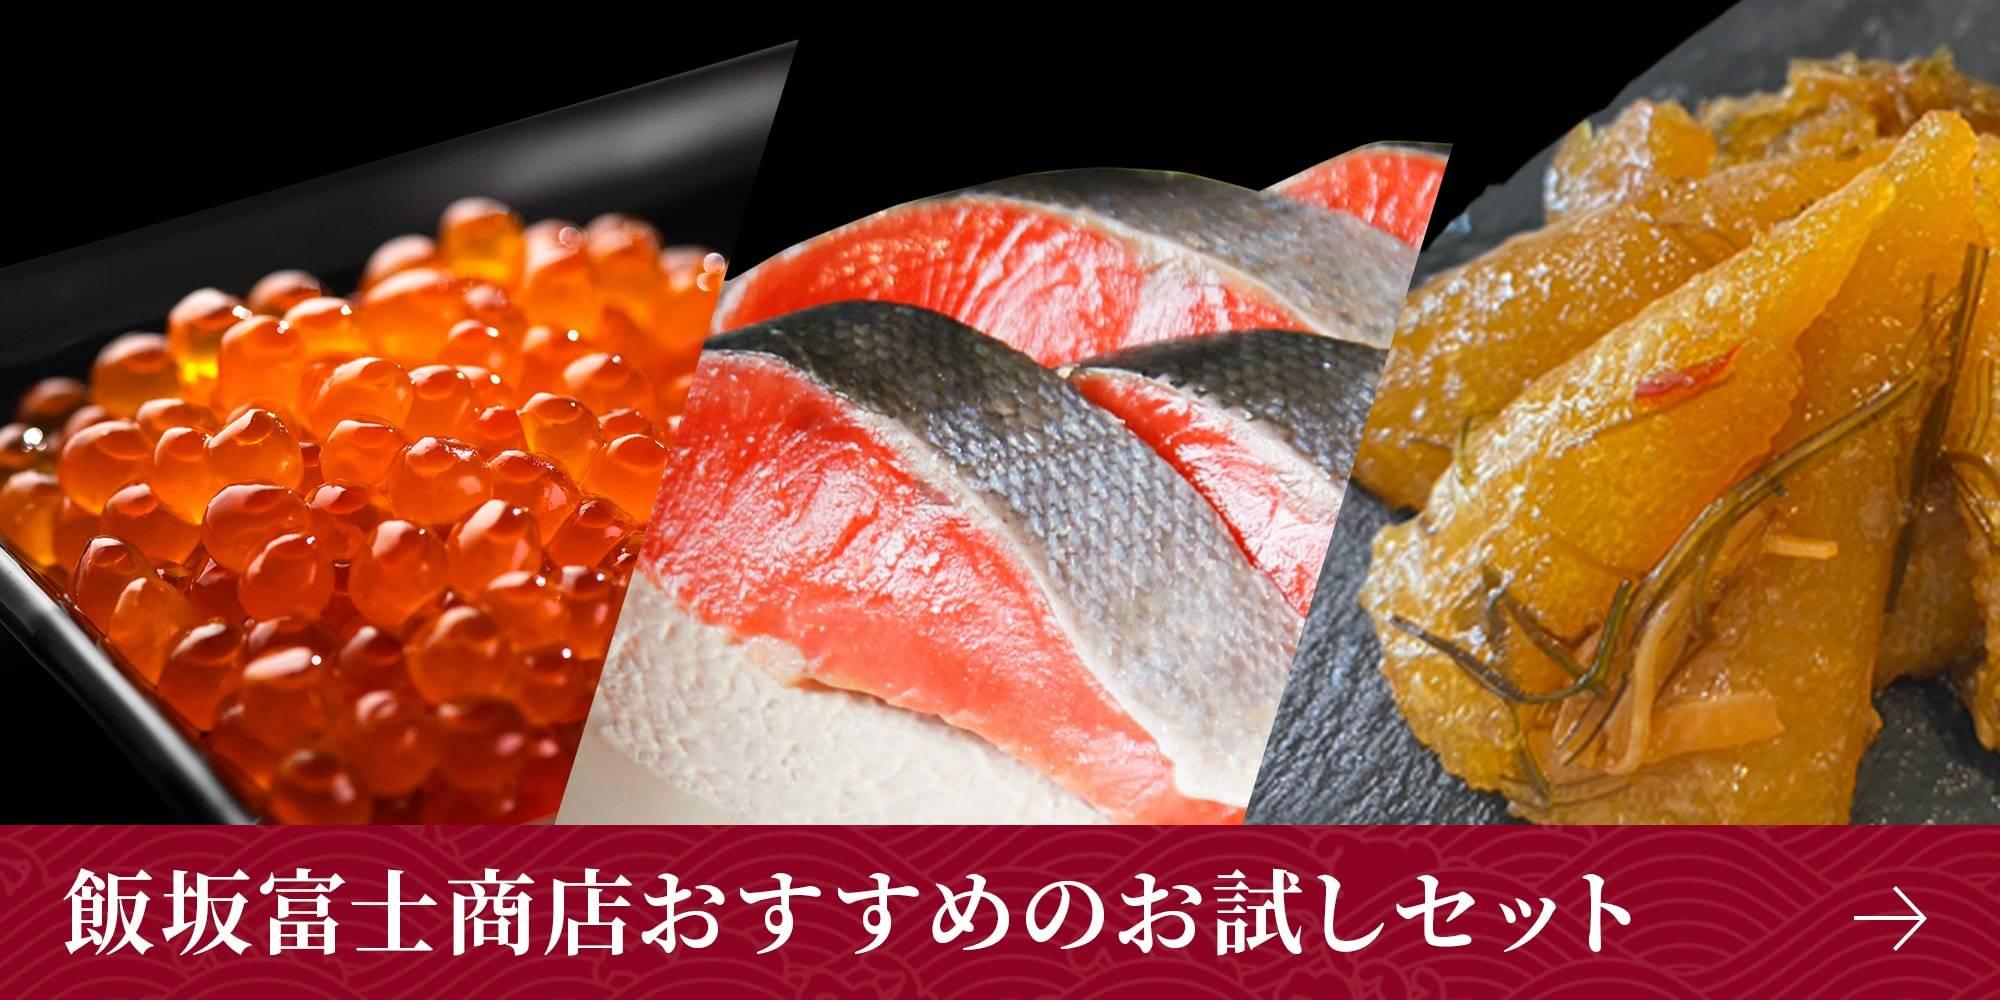 飯坂富士商店おすすめのお試しセットはこちら